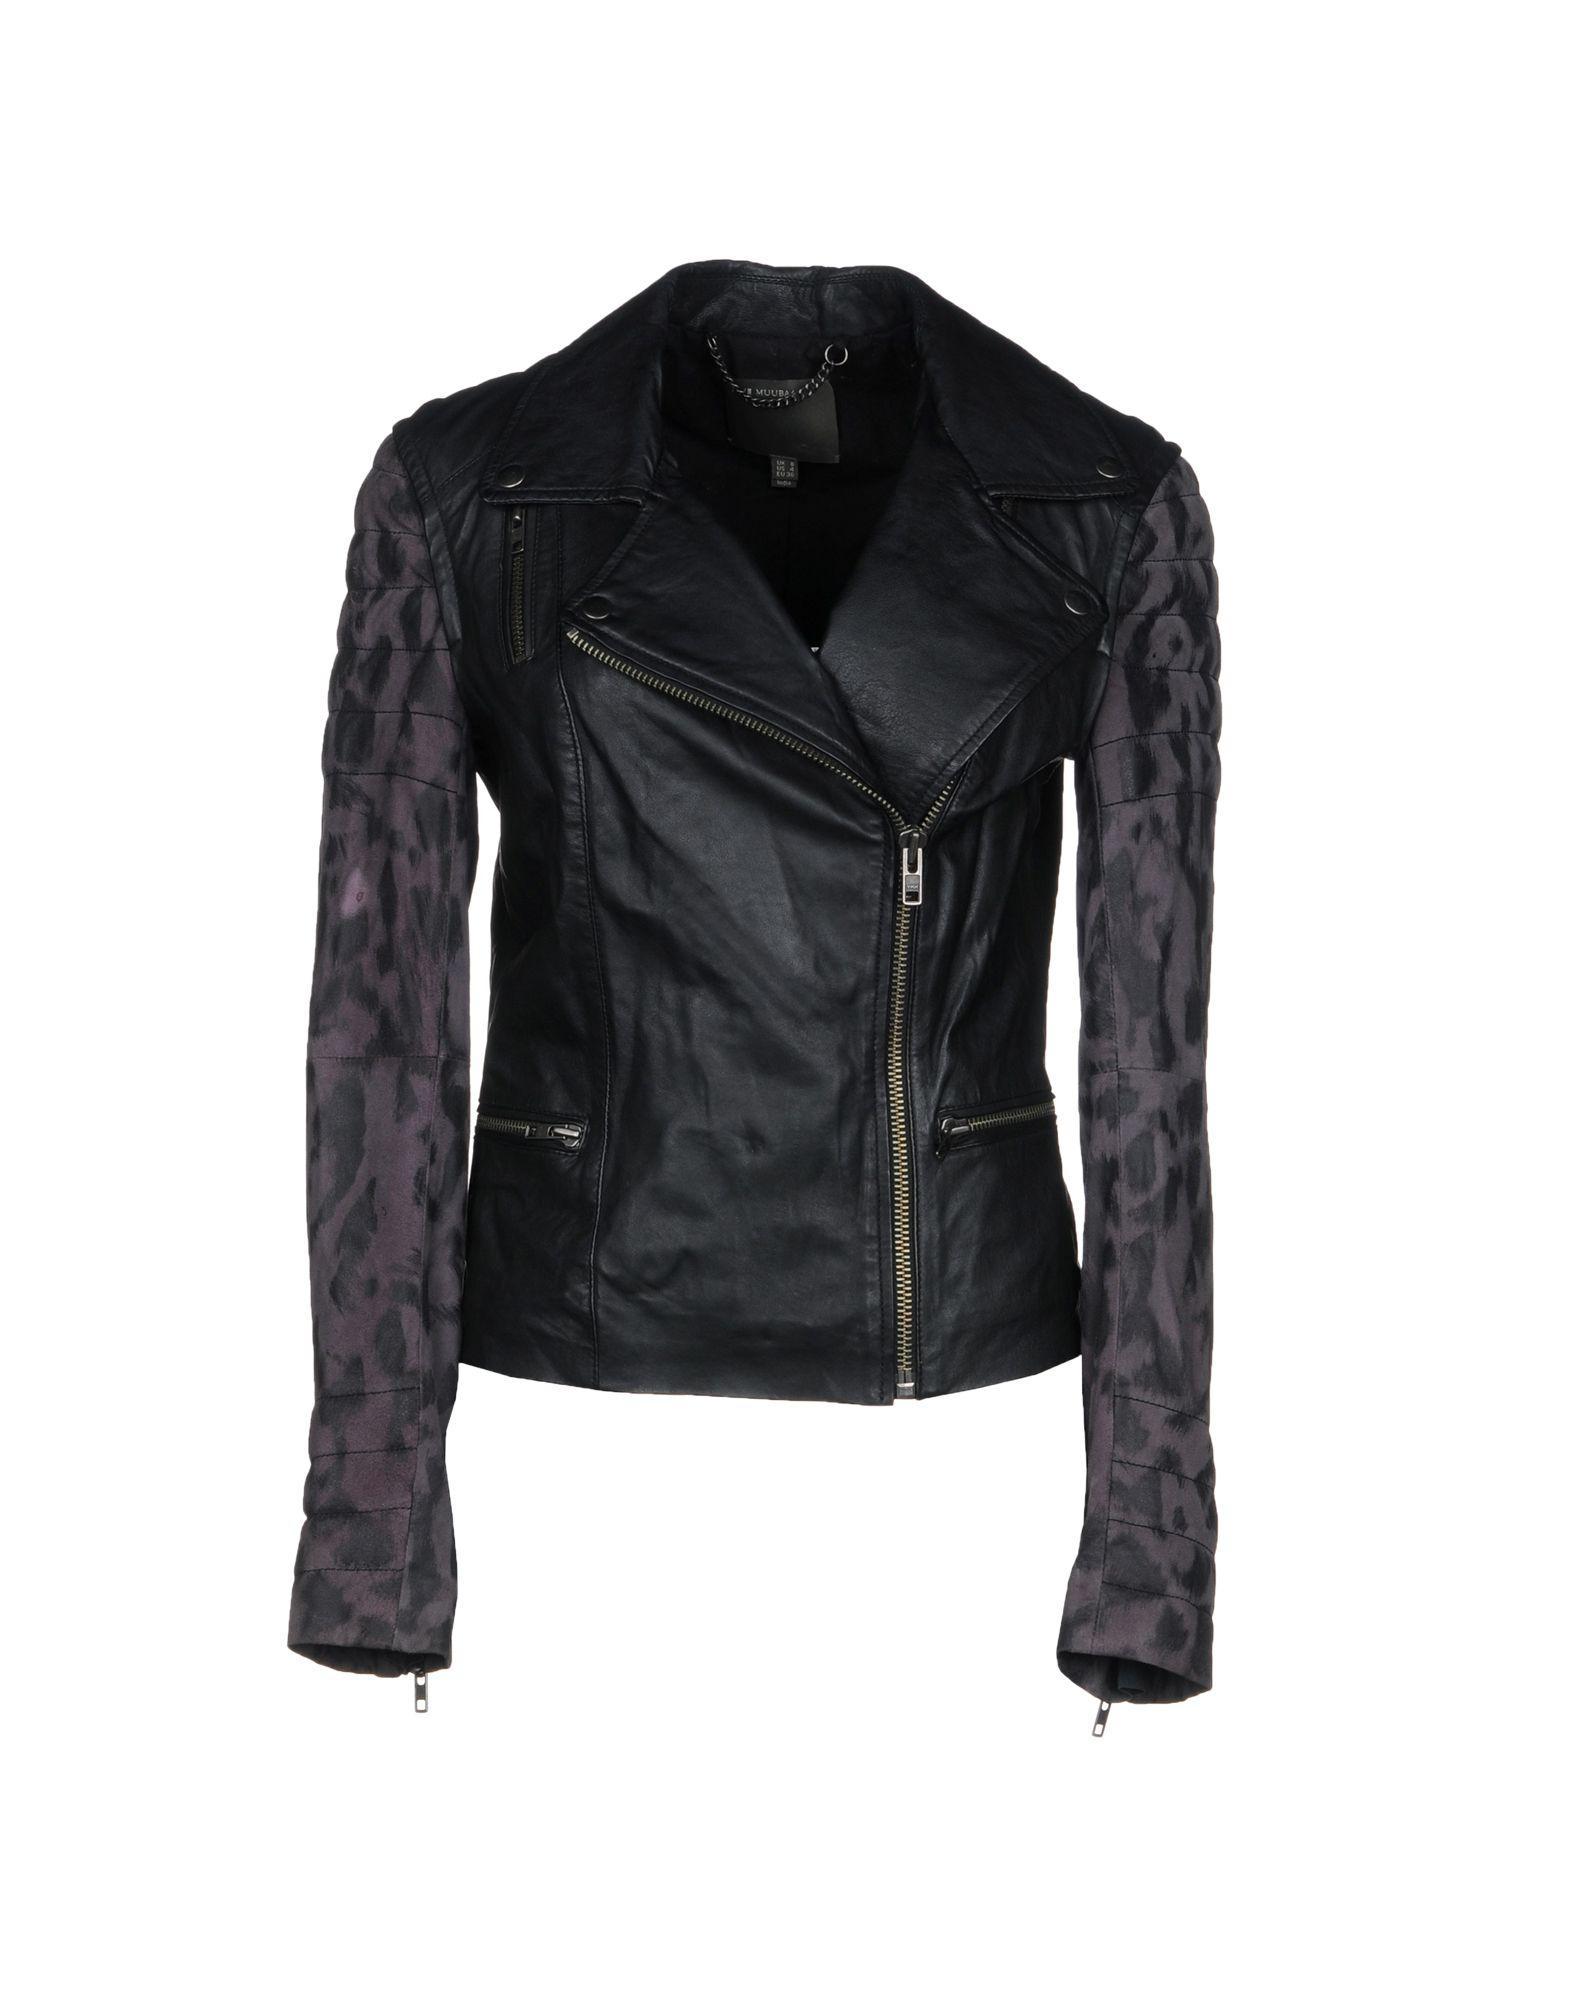 Muubaa Jackets In Black